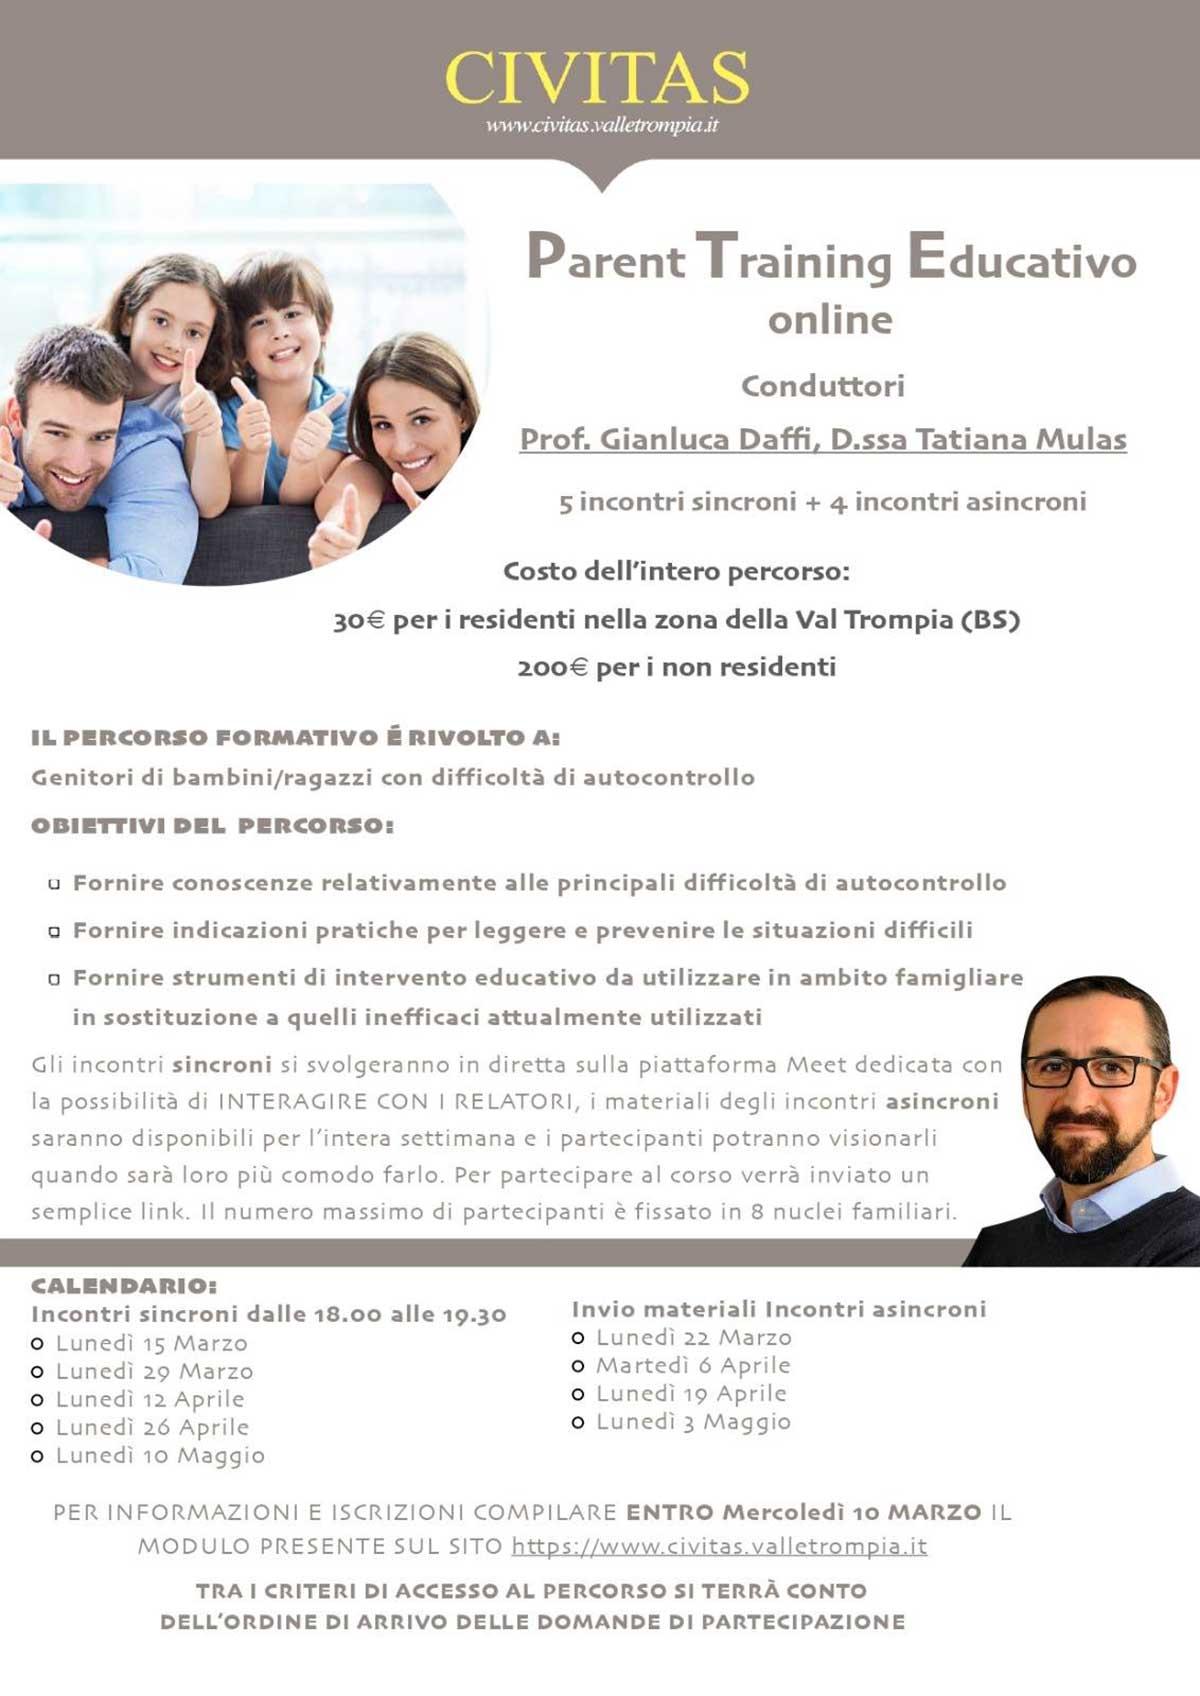 parent training educativo per genitori